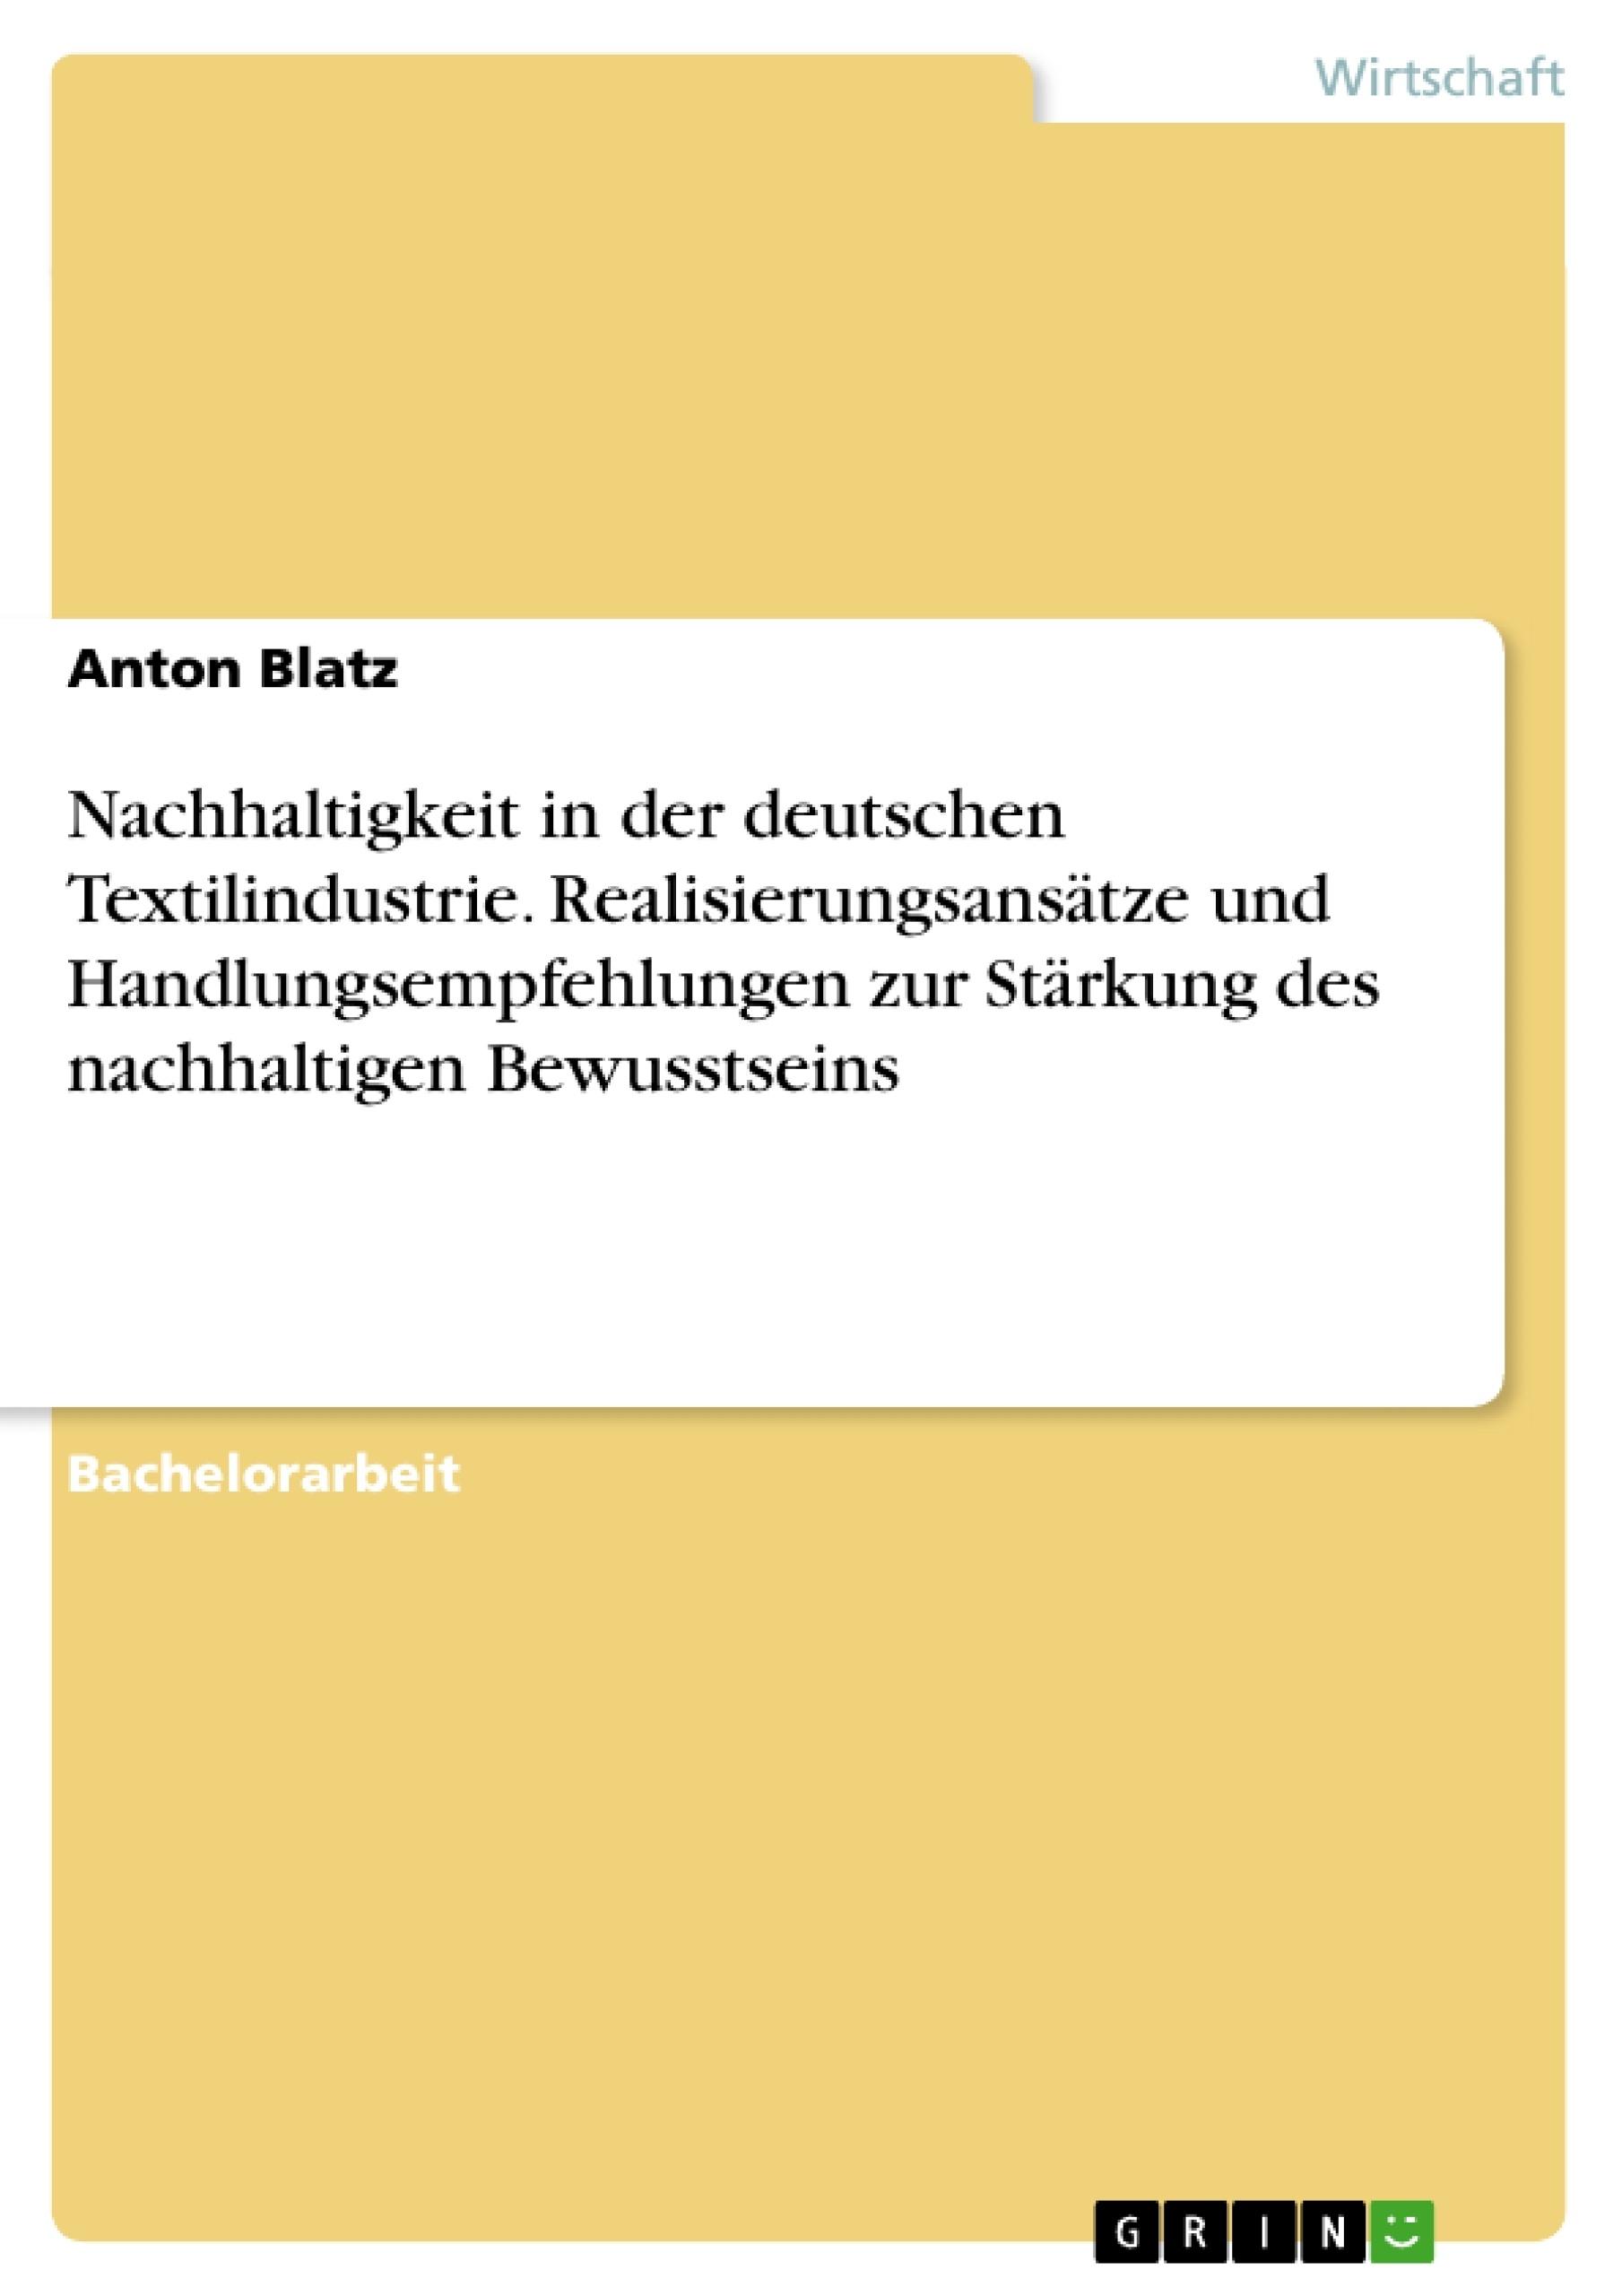 Titel: Nachhaltigkeit in der deutschen Textilindustrie. Realisierungsansätze und Handlungsempfehlungen zur Stärkung des nachhaltigen Bewusstseins